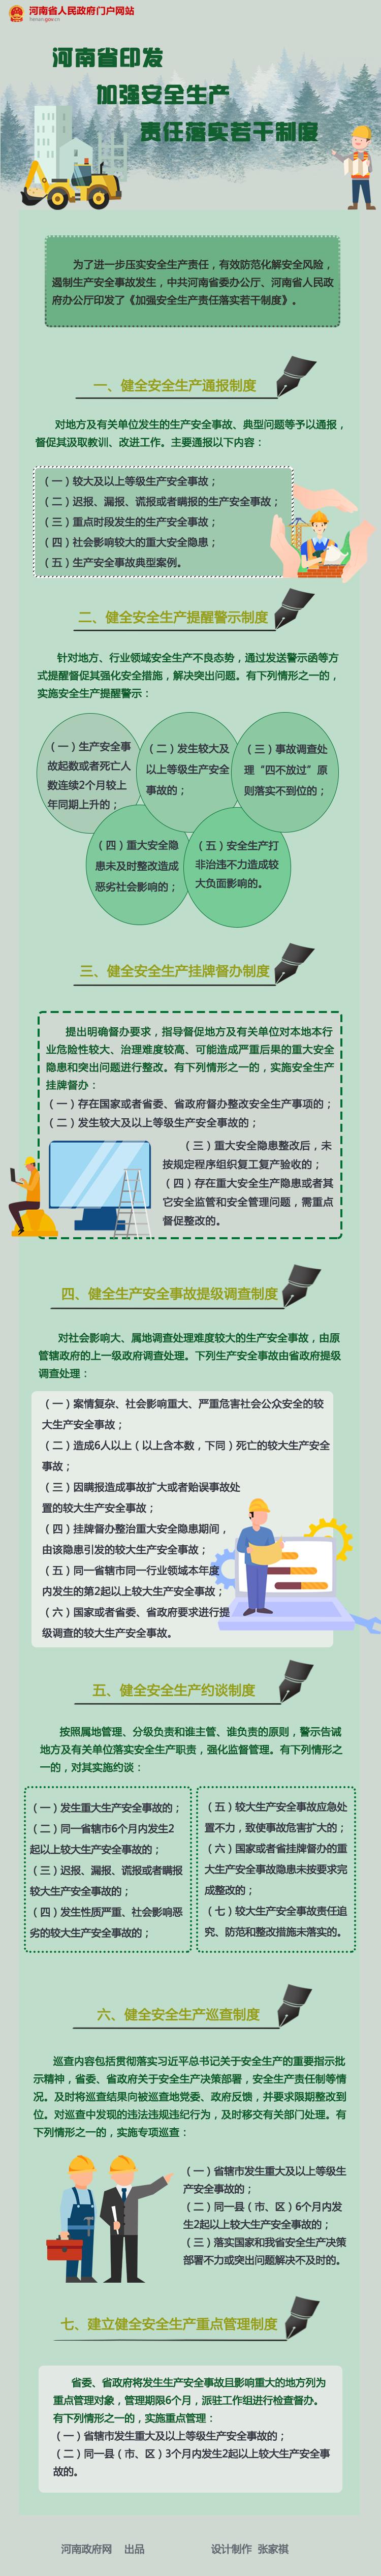 图解:河南省印发加强安全生产责任落实若干制度